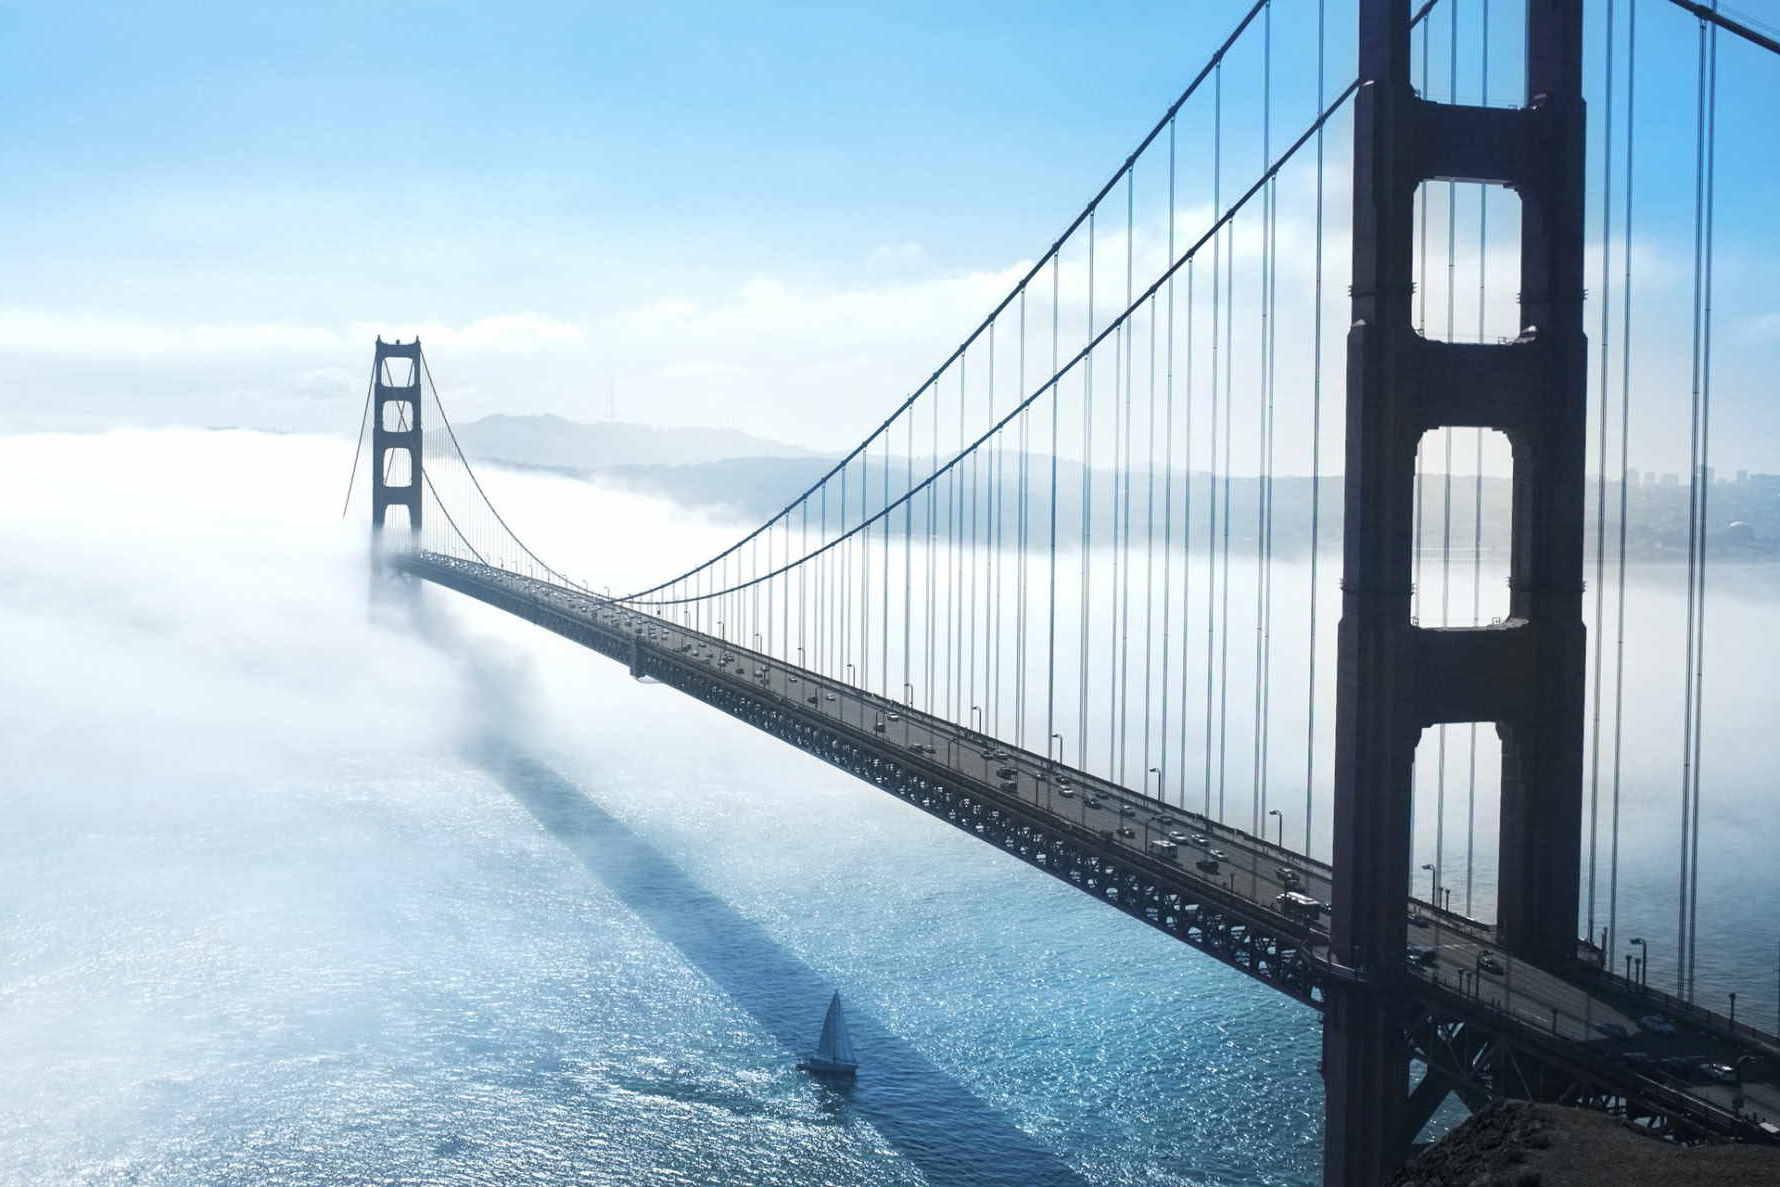 پل چیست ؟ | اجزا، انواع و روش های ساخت